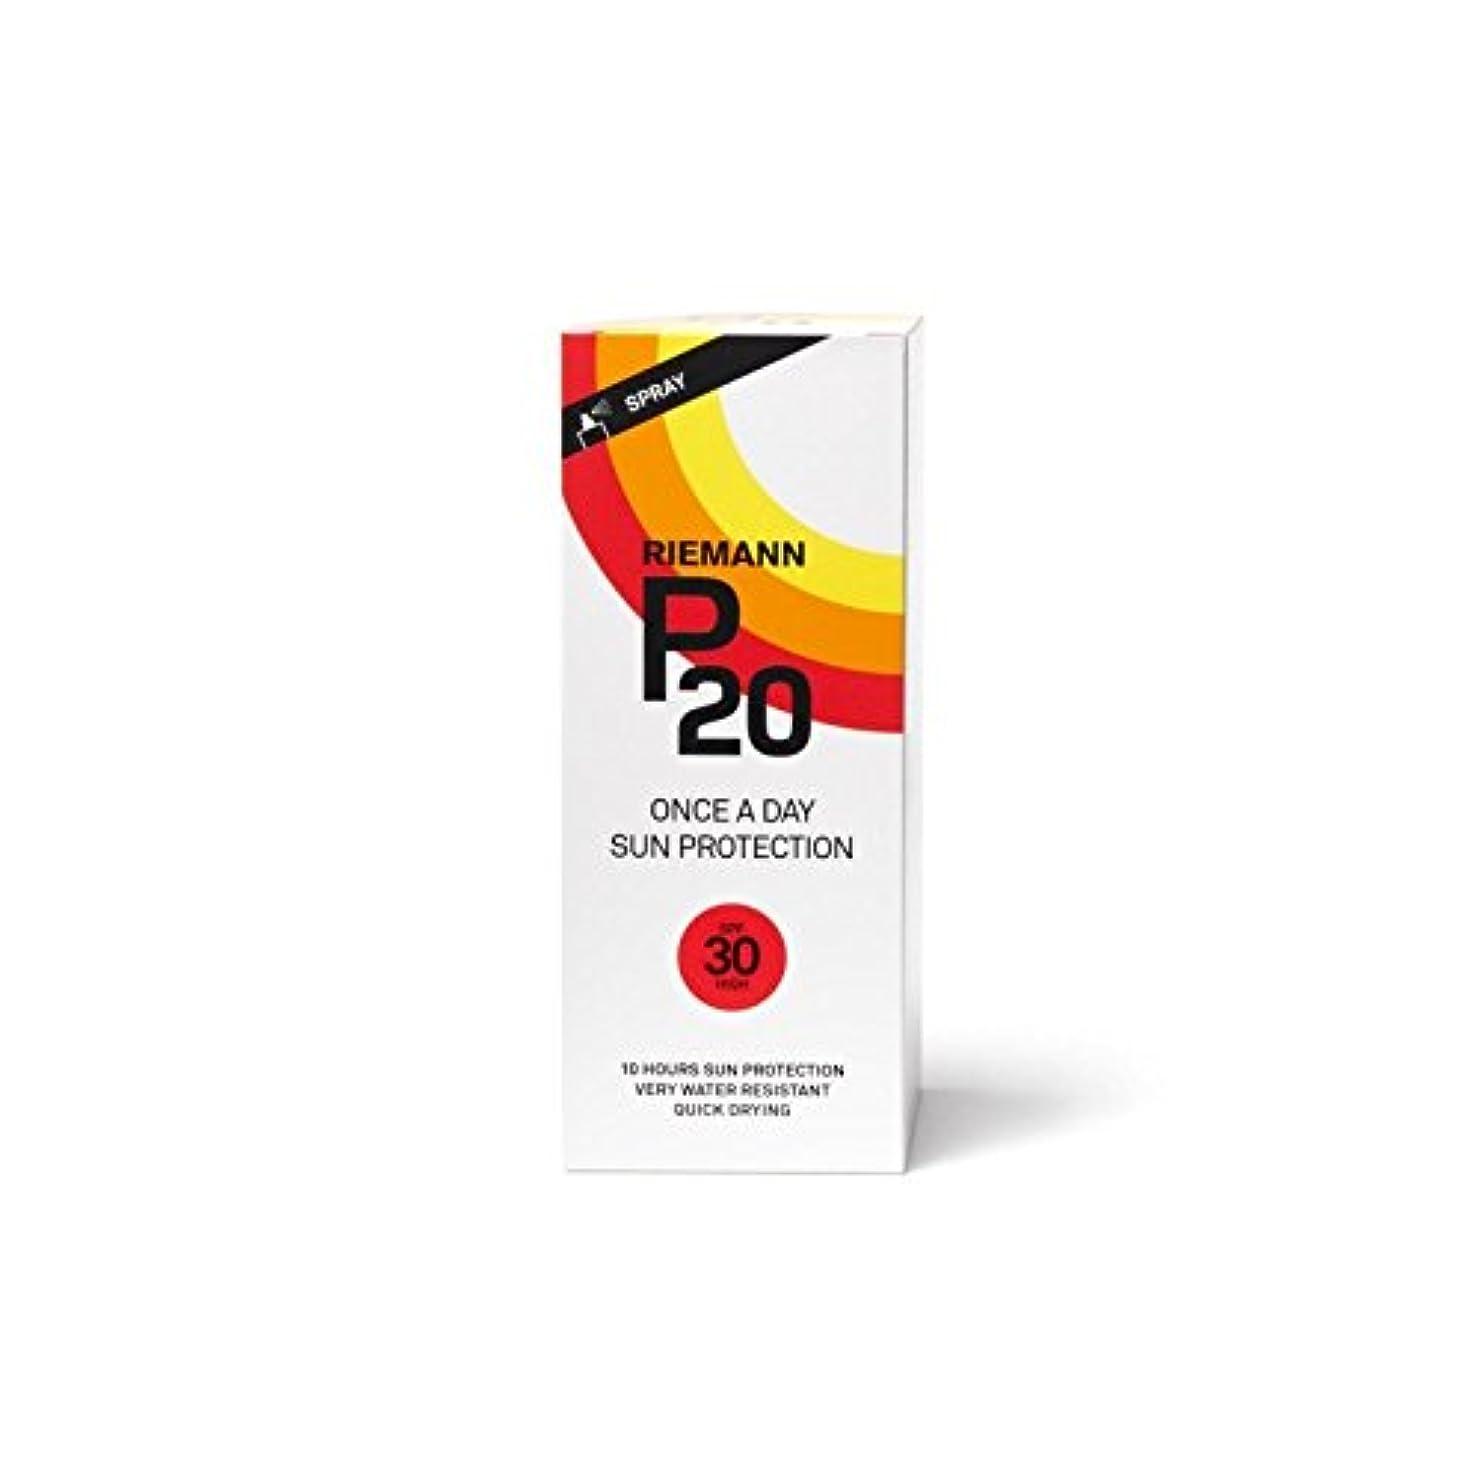 外交アノイ所持Riemann P20 Sun Filter 200ml SPF30 - リーマン20のサンフィルター200ミリリットル30 [並行輸入品]